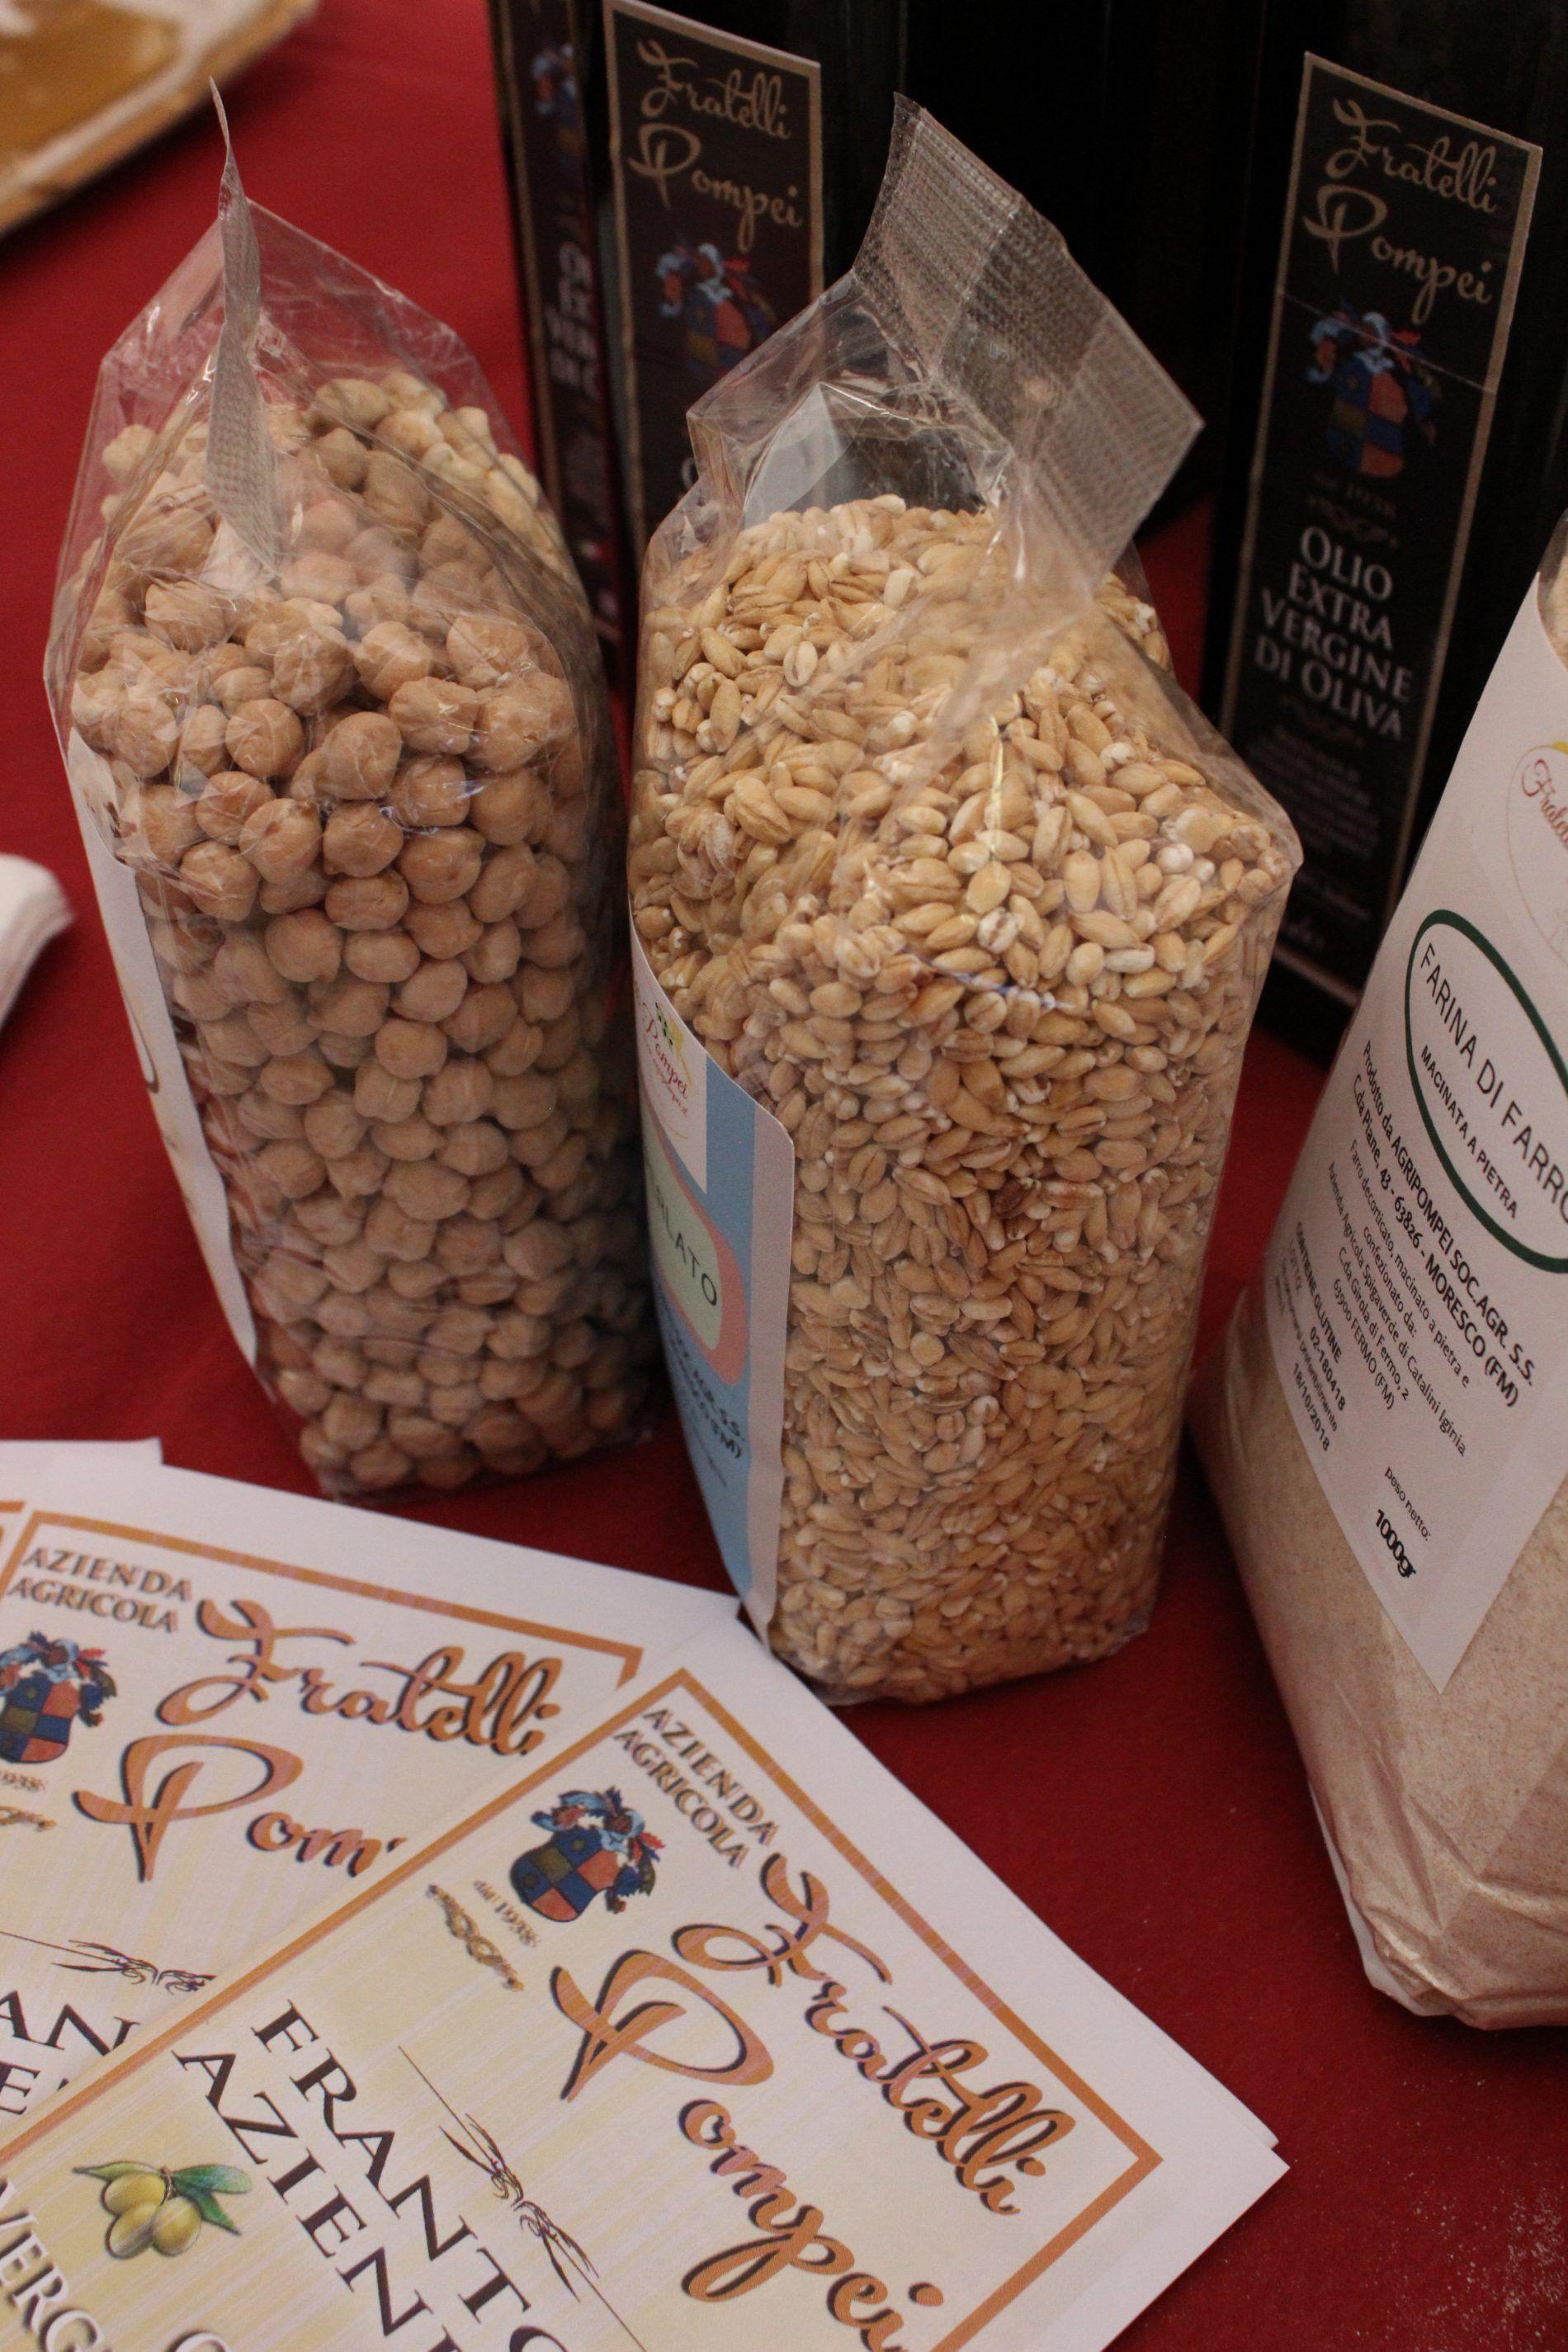 sacchetti di cereali